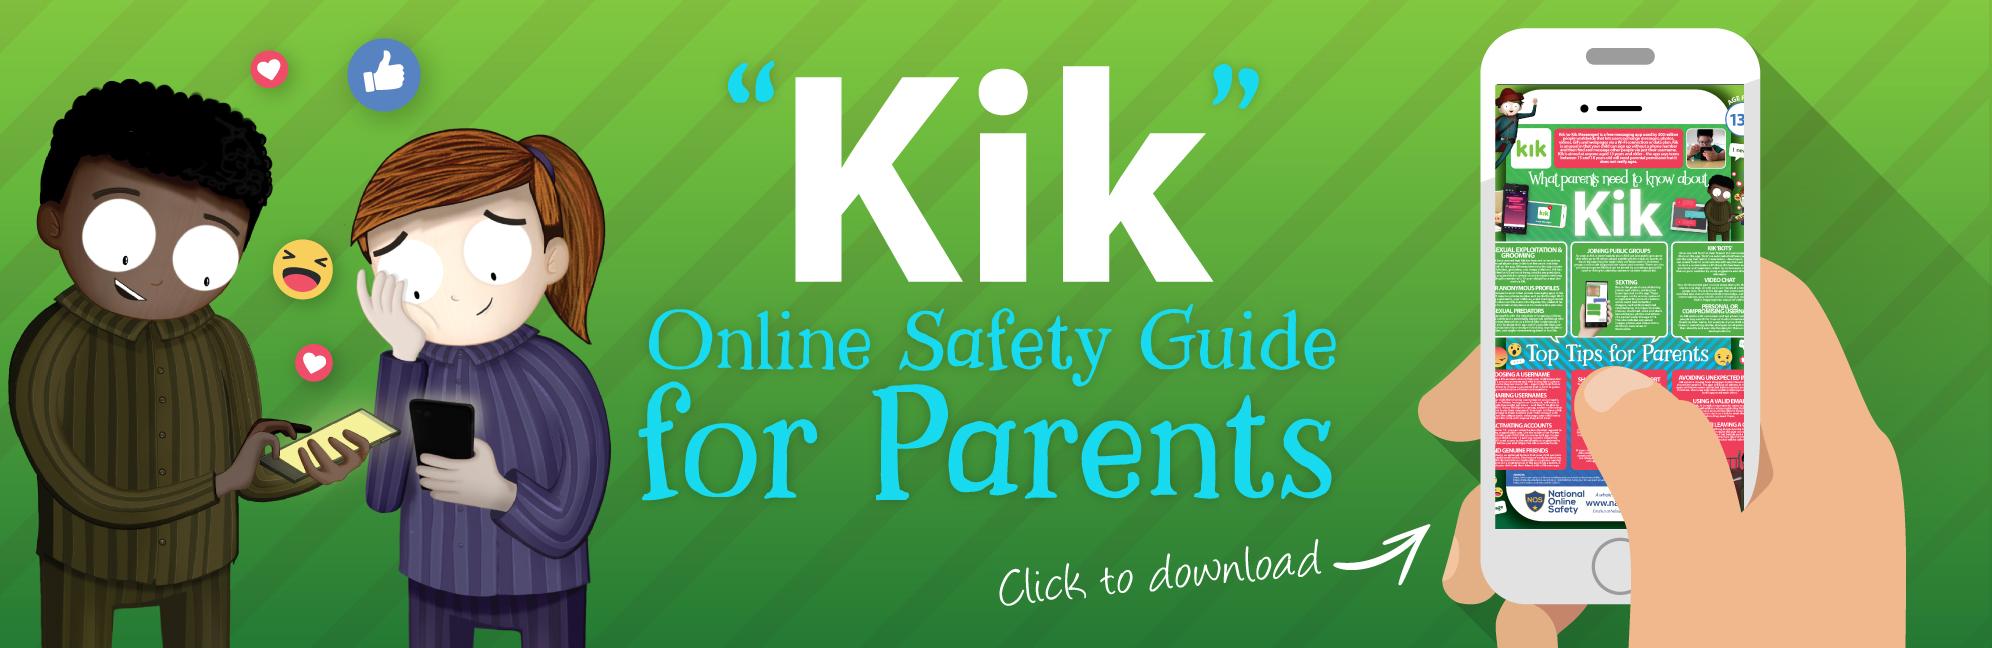 KIK-web-banner-3